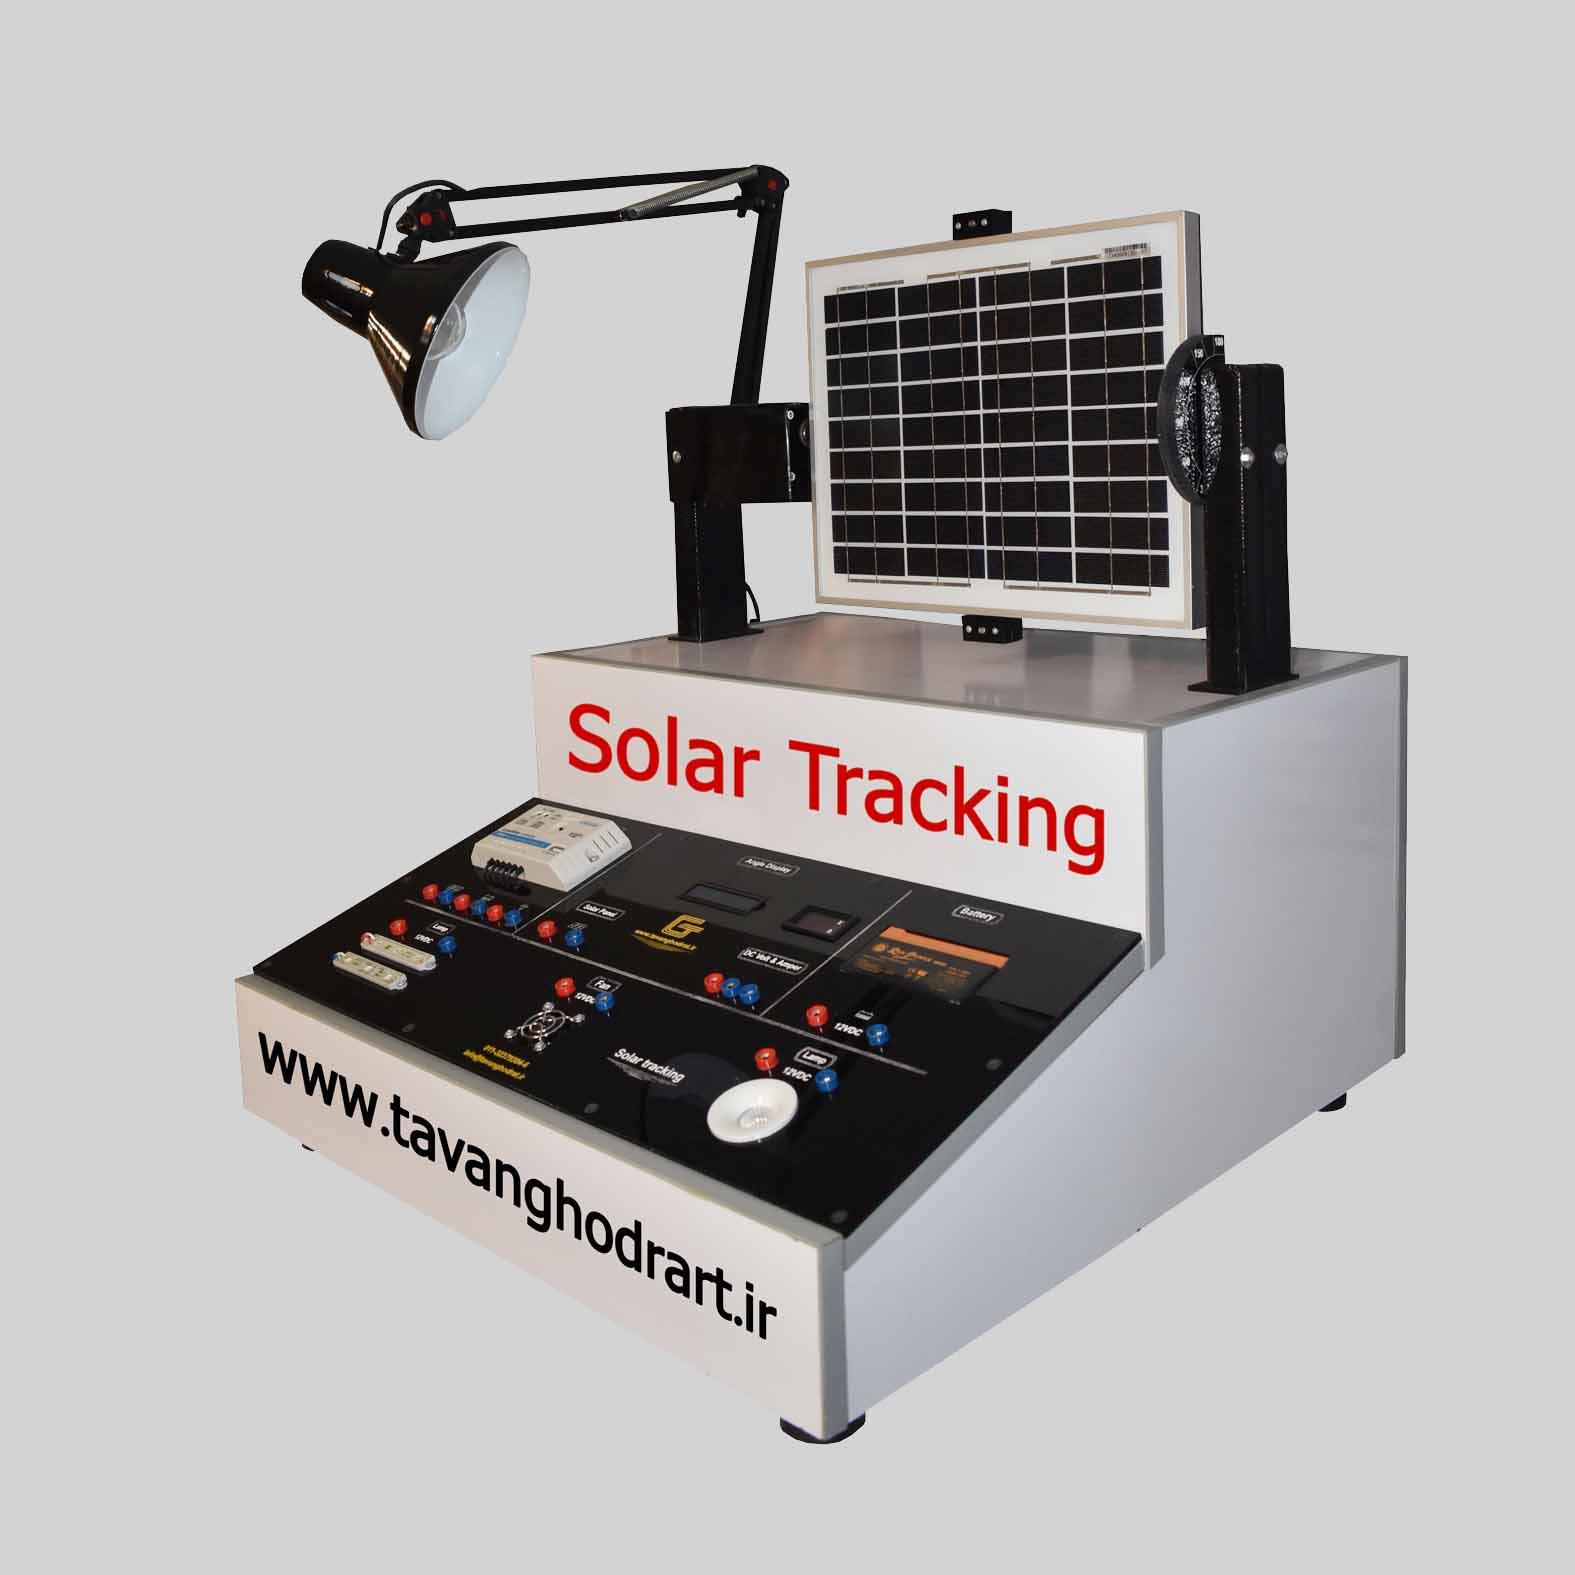 مجموعه آموزشی ردیاب نور solar tracking